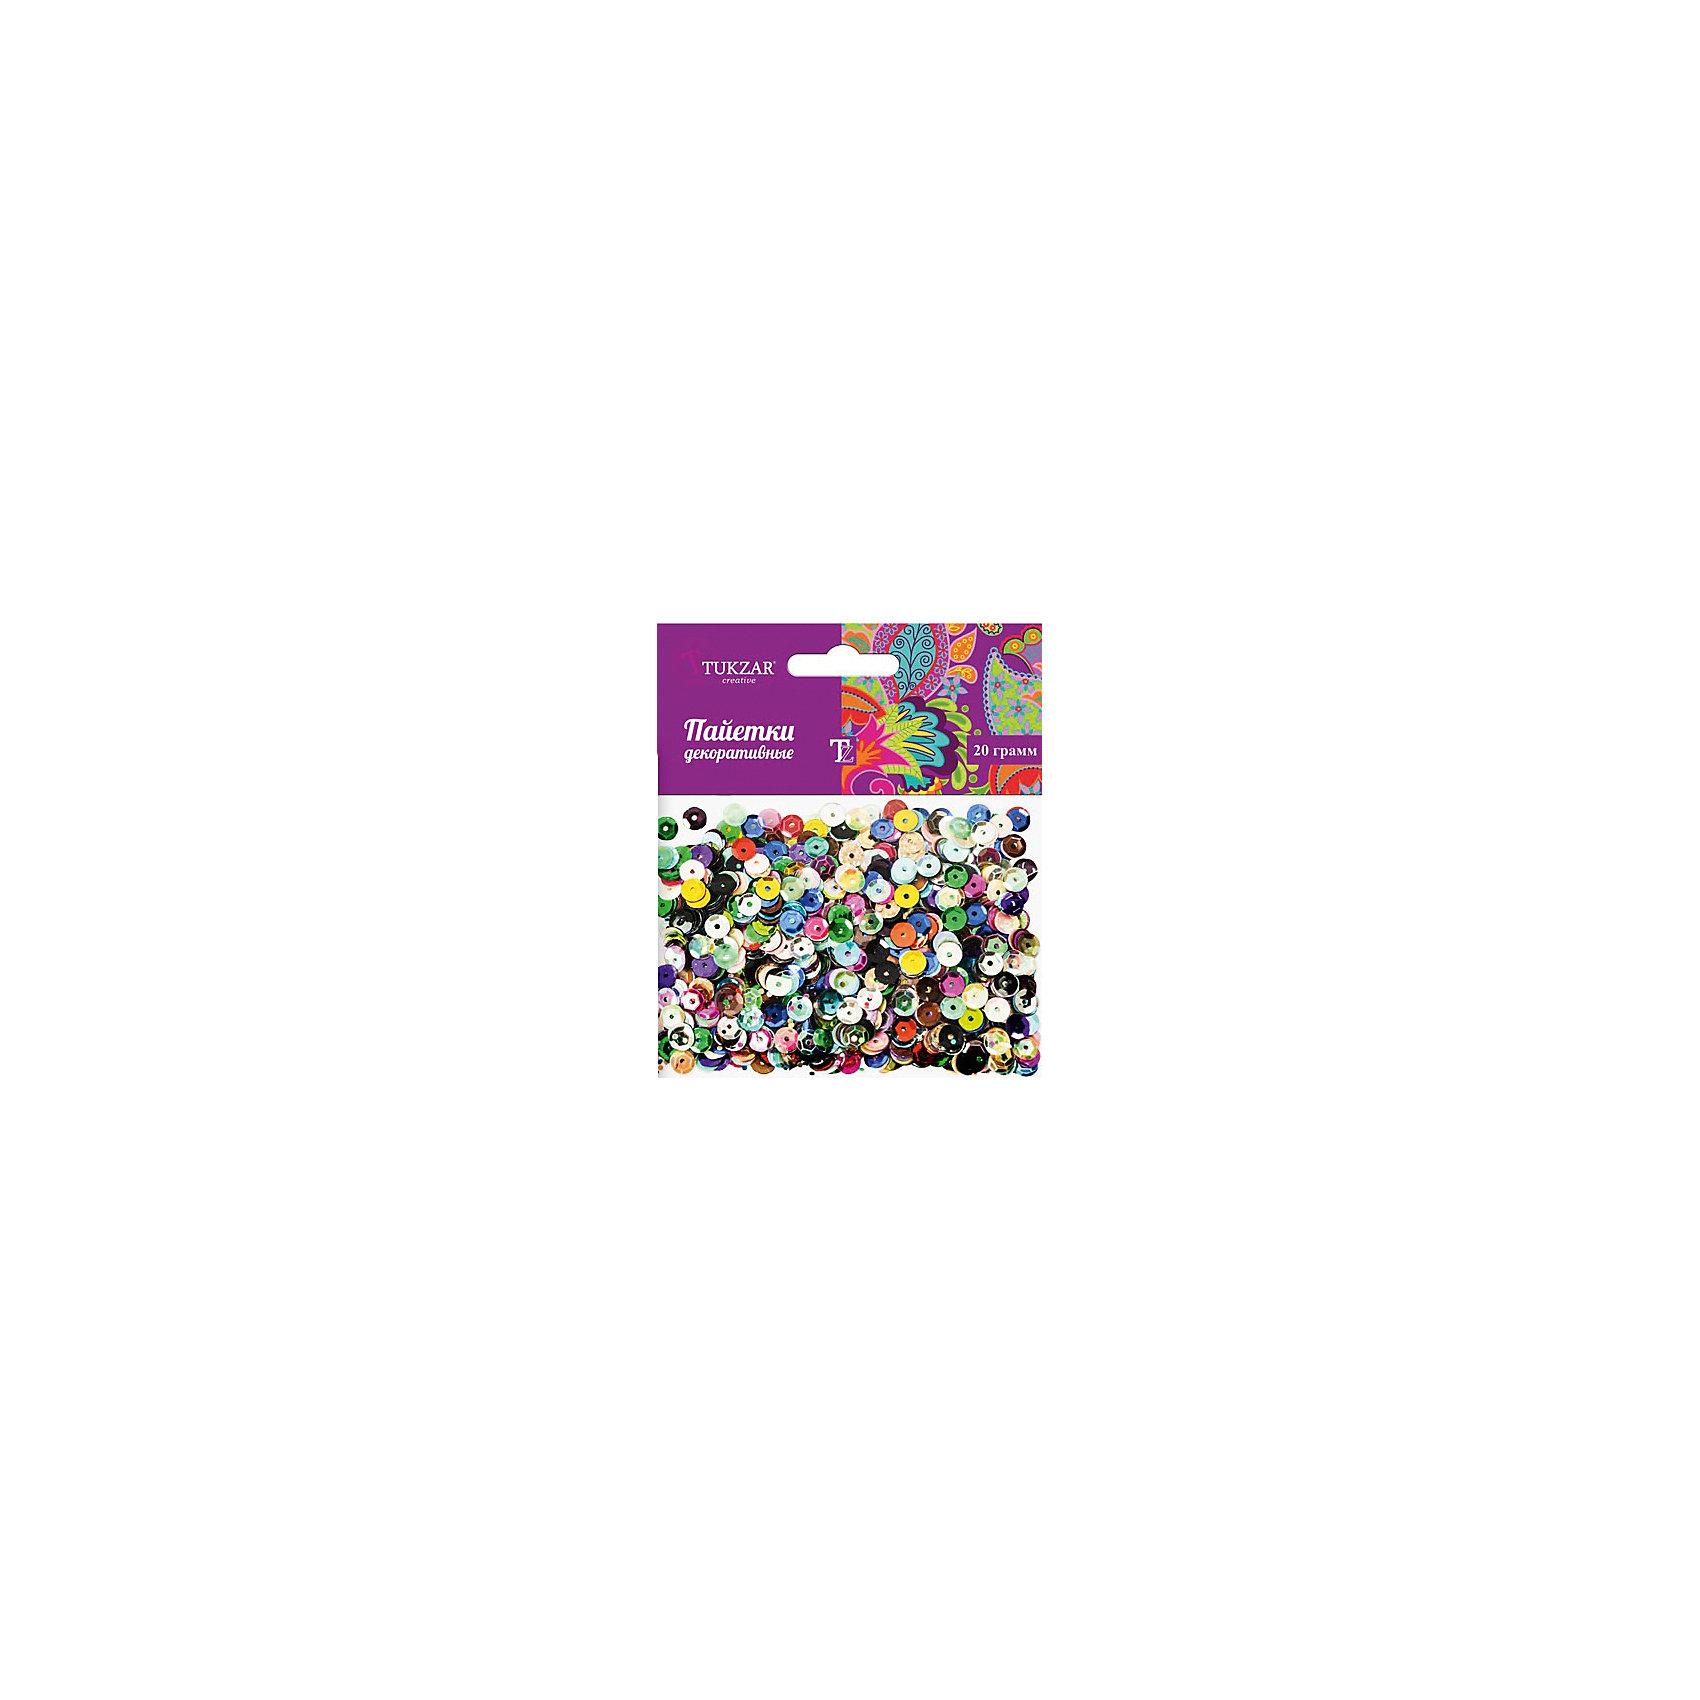 Разноцветные пайетки 20гРазноцветные пайетки 20г<br>Разноцветные декоративные пайетки позволят изыскано украсить любую вещь, идеальны для декора сценических костюмов, создания стилизованной одежды.<br><br>Дополнительная информация:<br><br>- В наборе: разноцветные пайетки<br>- Диаметр пайеток: 6 мм.<br>- Размер упаковки: 10 x 1 х 10 см.<br>- Вес: 20 гр.<br><br>Разноцветные пайетки 20г можно купить в нашем интернет-магазине.<br><br>Ширина мм: 125<br>Глубина мм: 10<br>Высота мм: 110<br>Вес г: 21<br>Возраст от месяцев: 60<br>Возраст до месяцев: 2147483647<br>Пол: Женский<br>Возраст: Детский<br>SKU: 4416900